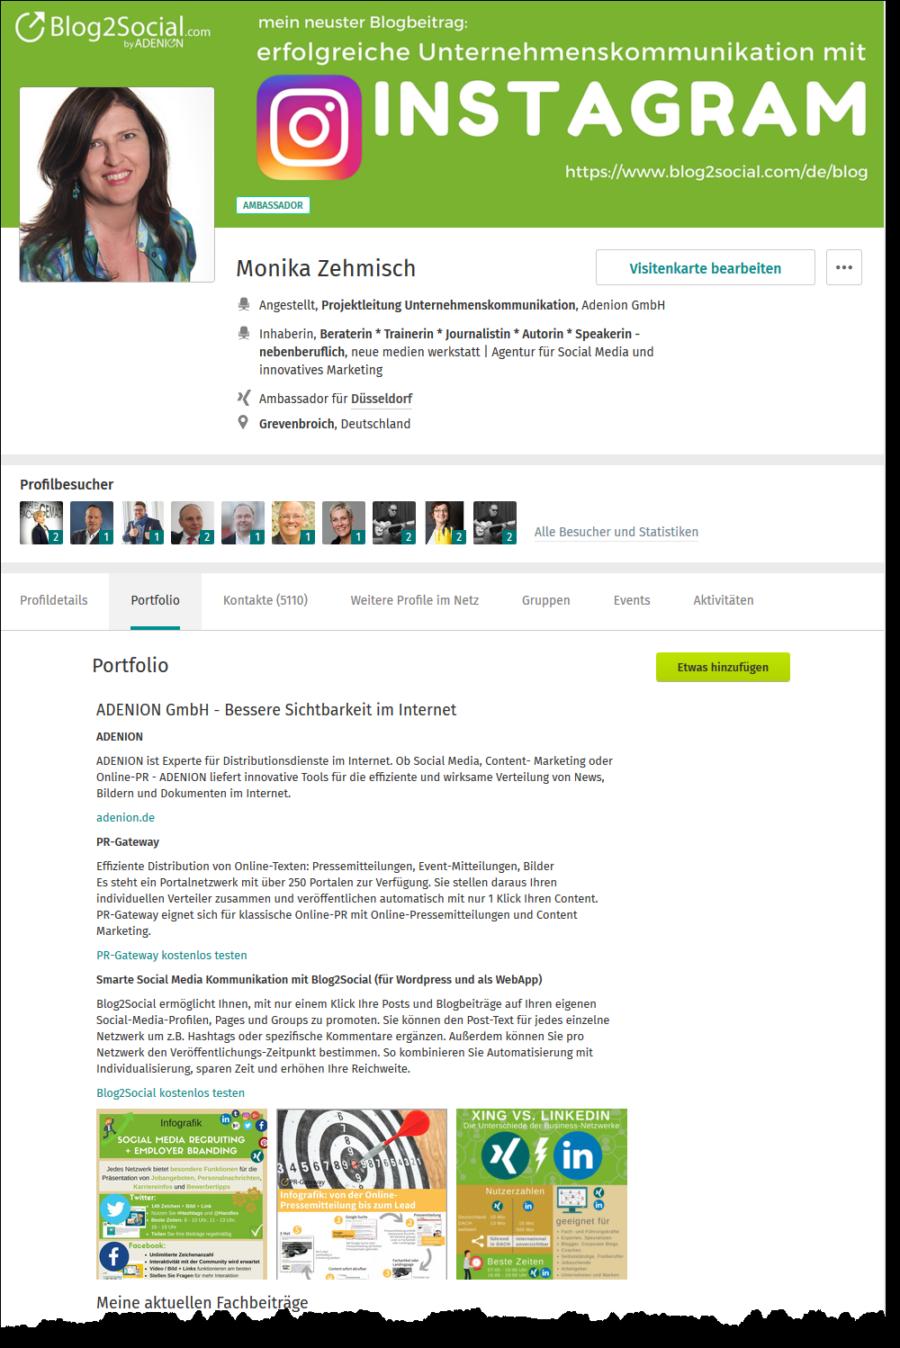 Business XING Influencer haben in Ihrem Profil oft ein Portfolio angelegt